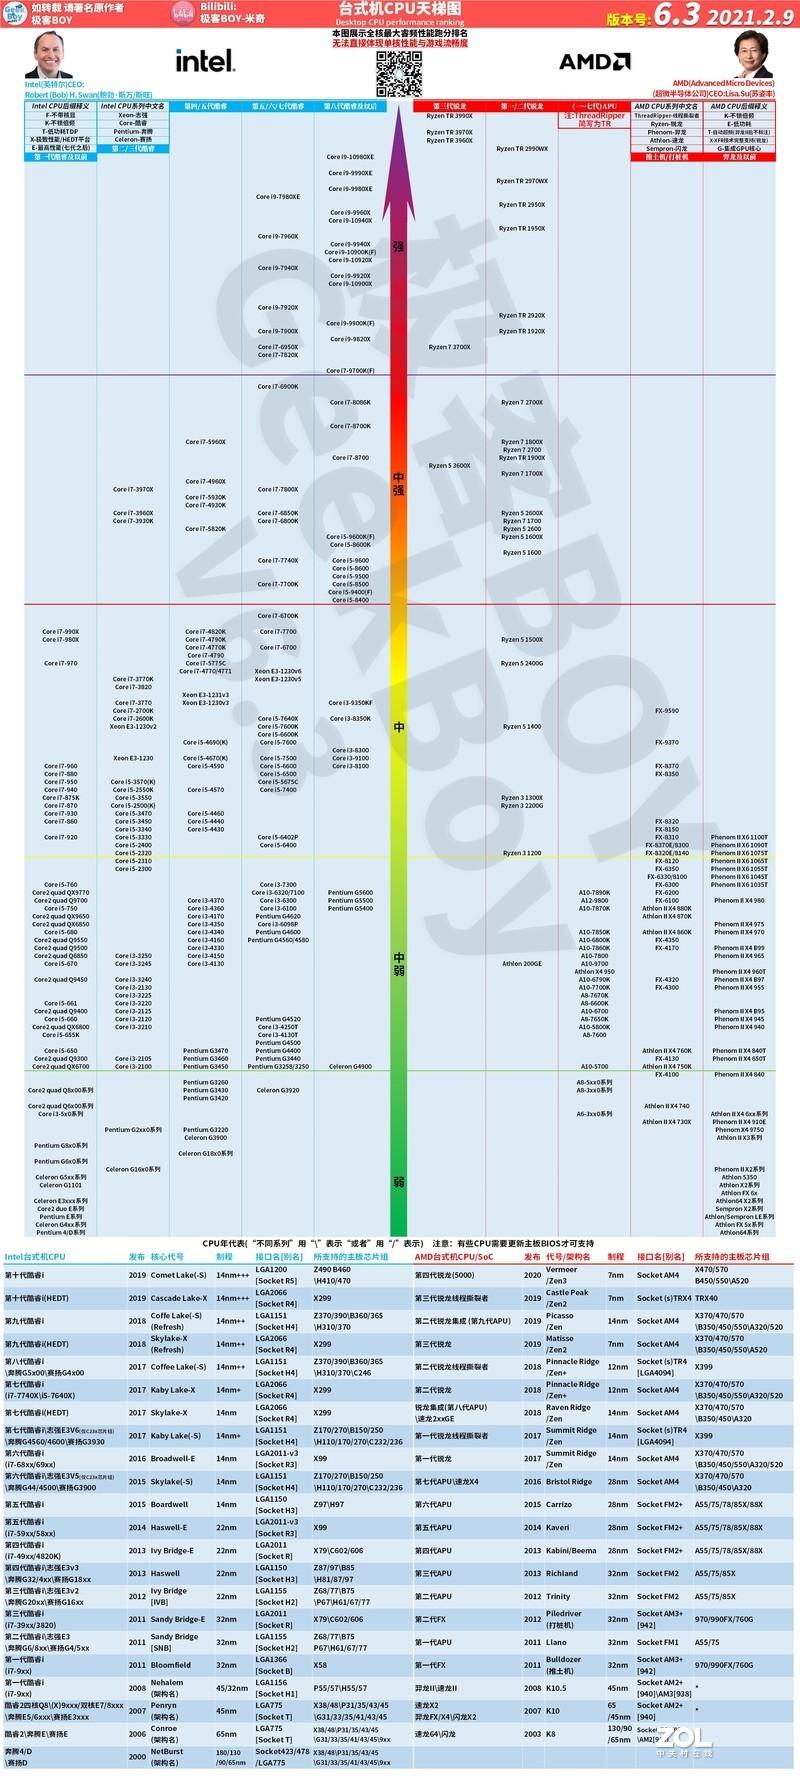 [2021.2.9]桌面CPU显卡性能排名天梯图V6.3【极客天梯图】By:极客BOY